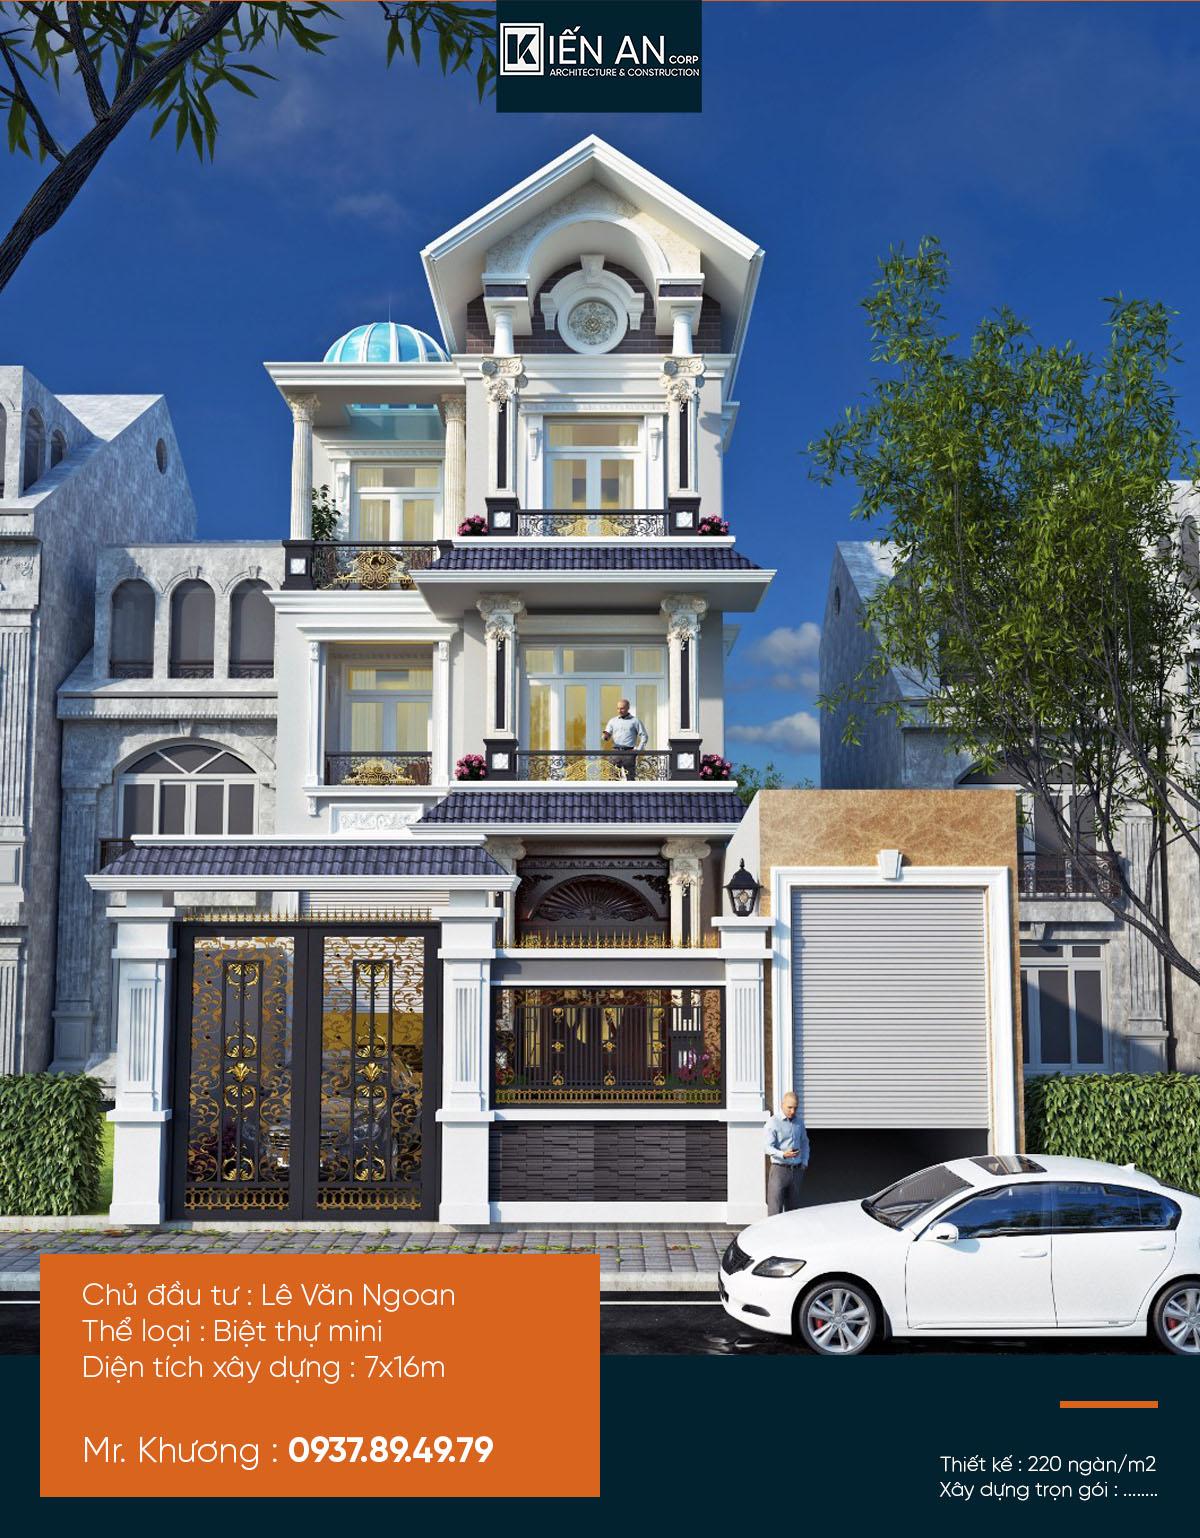 Mẫu biệt thự 3 tầng kiểu pháp - Thiết kế biệt thự mái thái 3 tầng